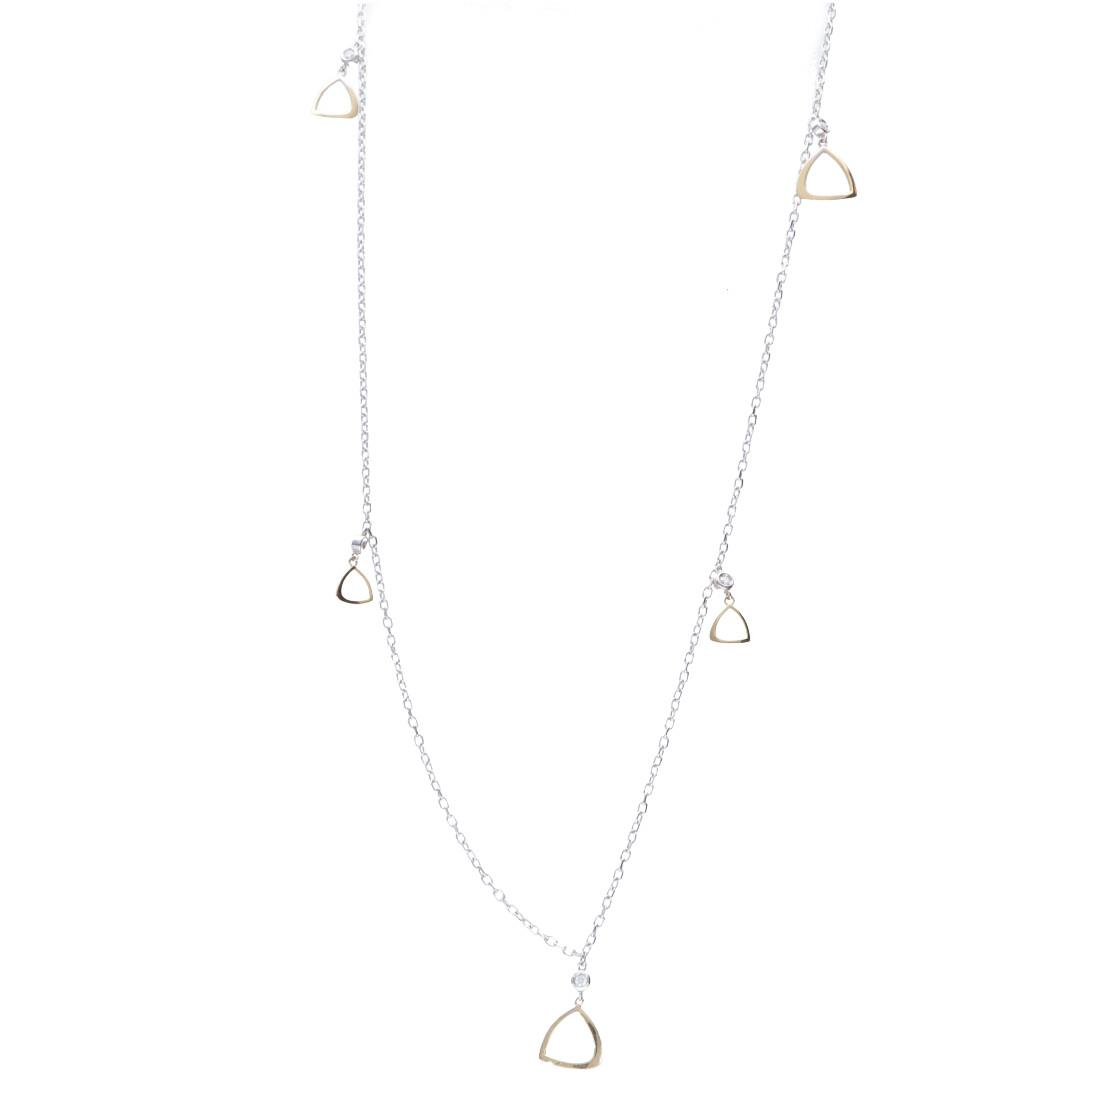 Collana lunga in oro bianco e giallo con diamanti - ALFIERI & ST. JOHN